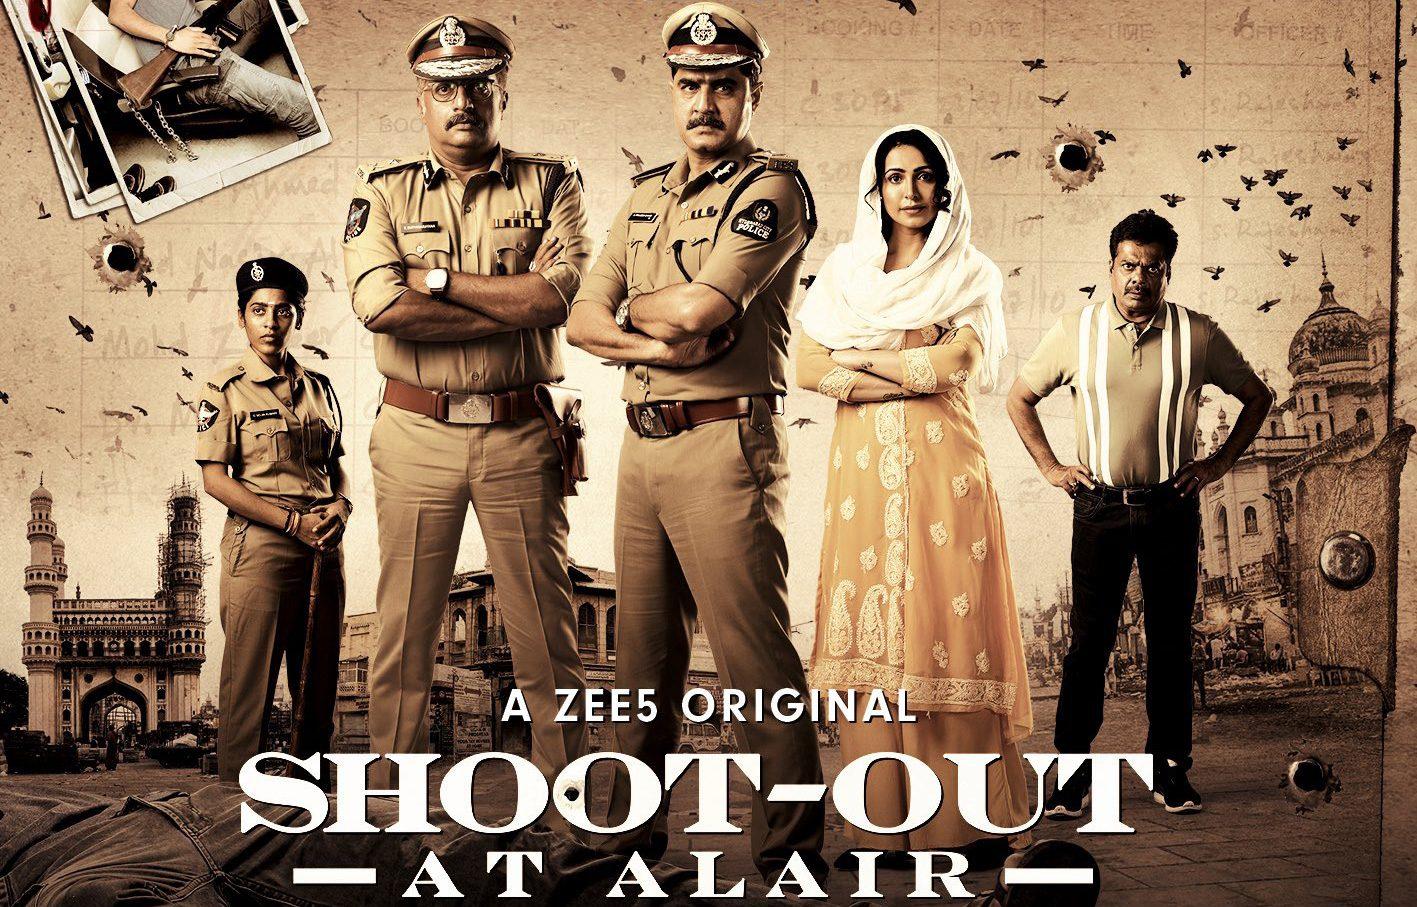 Shootout-at-Alair